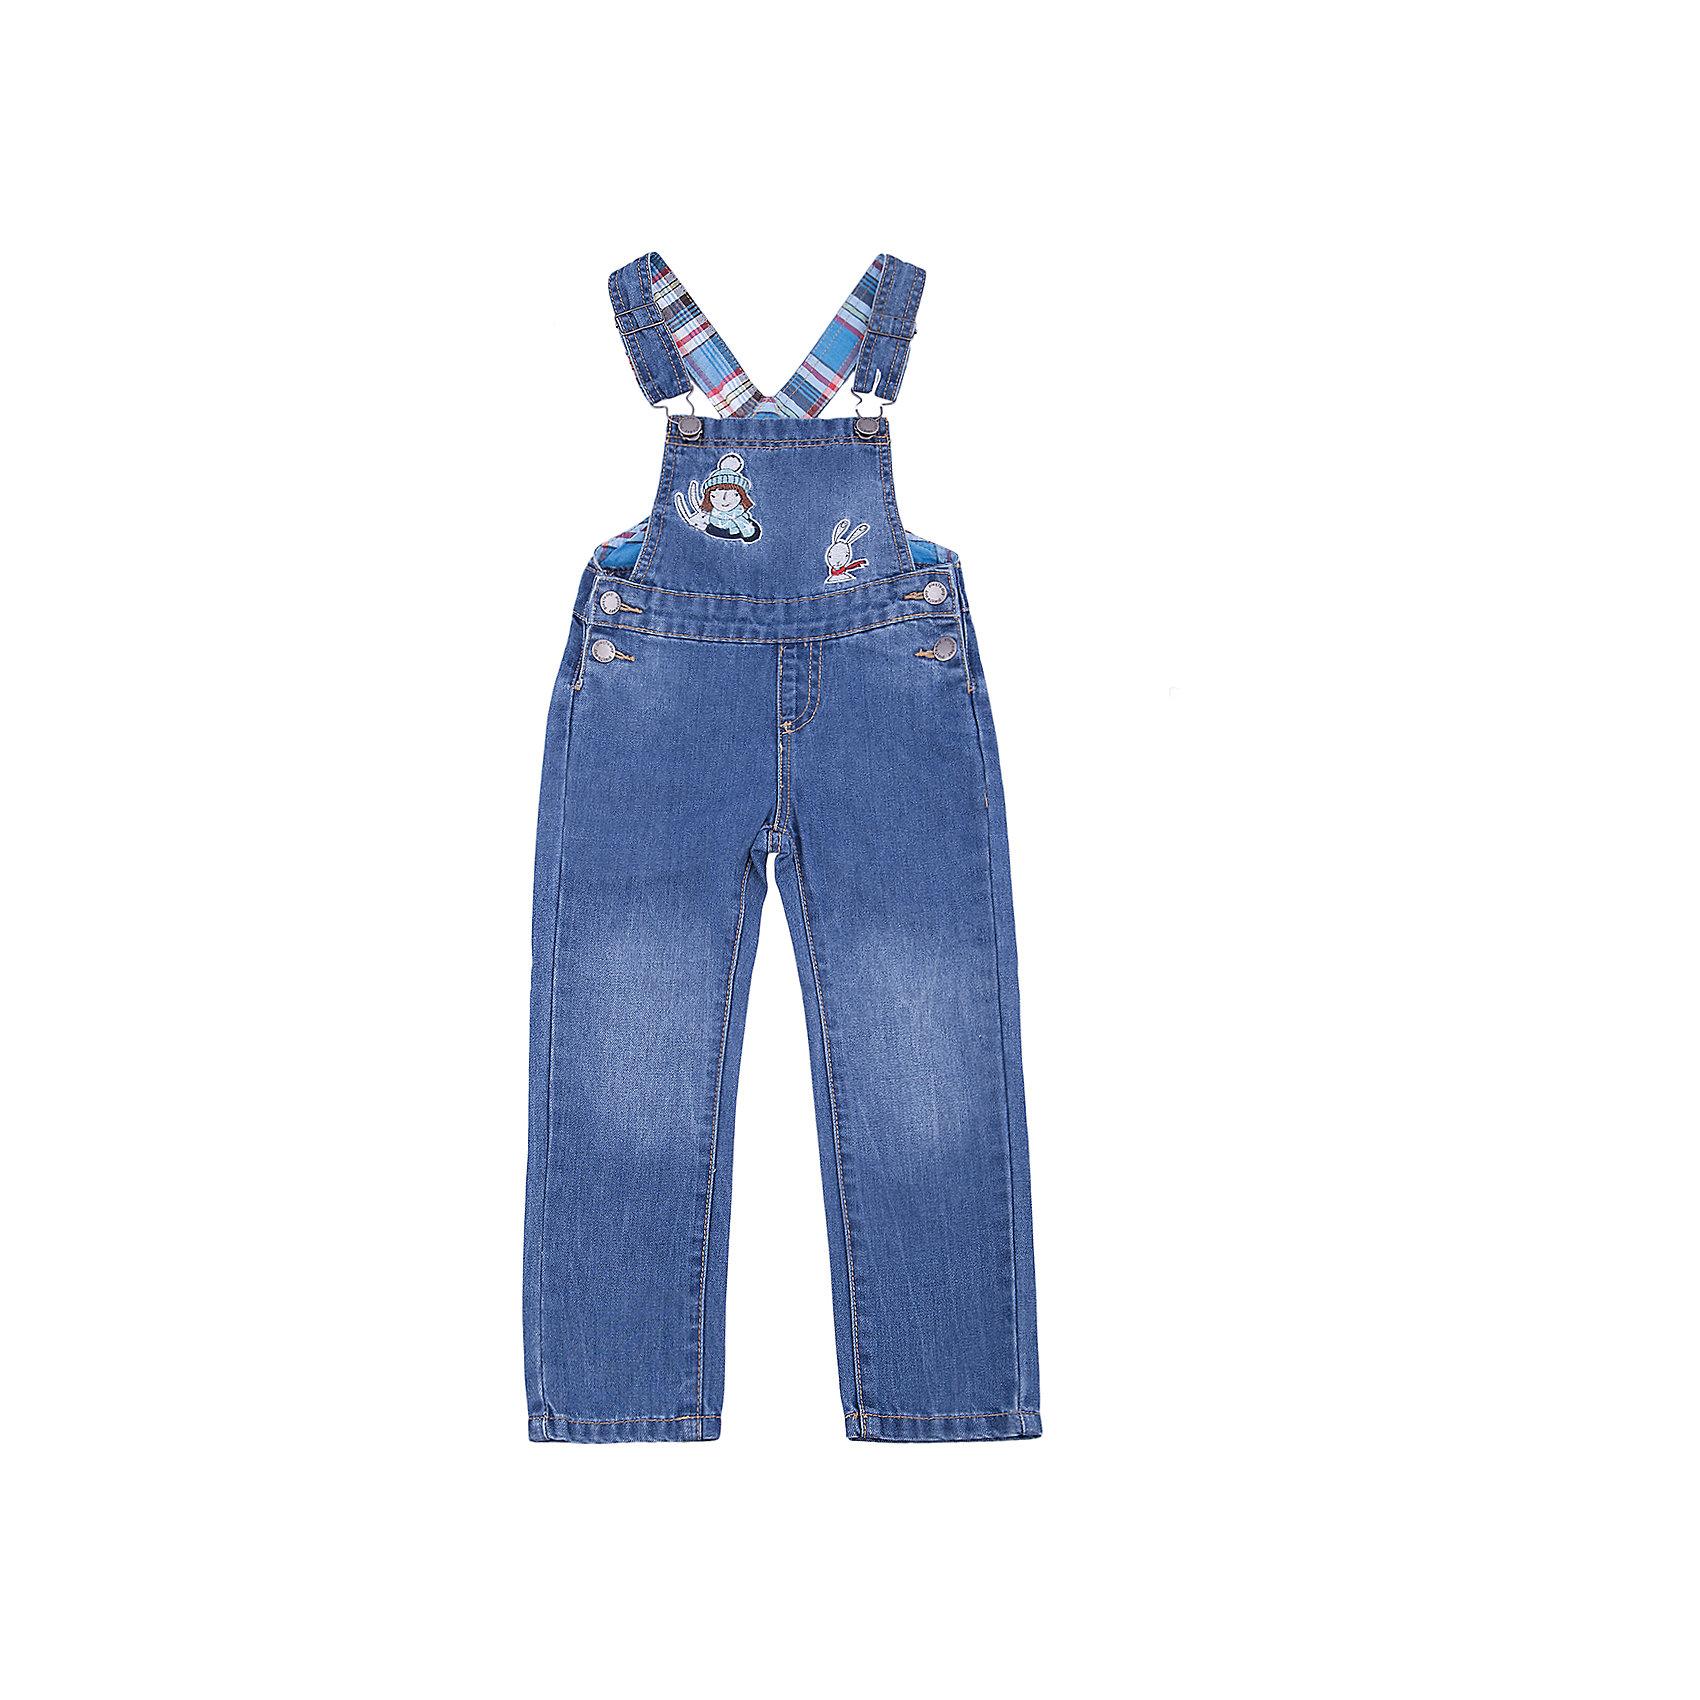 Полукомбинезон PlayToday для девочкиКомбинезоны<br>Полукомбинезон PlayToday для девочки<br>Практичный полукомбинезон из джинсовой ткани - отличное дополнение к повседневному гардеробу ребенка. Модель с регулируемыми бретелями. В качестве застежек использованы удобные пуговицы - болты. Полукомбинезон декорирован аппликацией.<br>Состав:<br>80% хлопок, 20% полиэстер<br><br>Ширина мм: 215<br>Глубина мм: 88<br>Высота мм: 191<br>Вес г: 336<br>Цвет: синий<br>Возраст от месяцев: 84<br>Возраст до месяцев: 96<br>Пол: Женский<br>Возраст: Детский<br>Размер: 128,98,104,110,116,122<br>SKU: 7115653